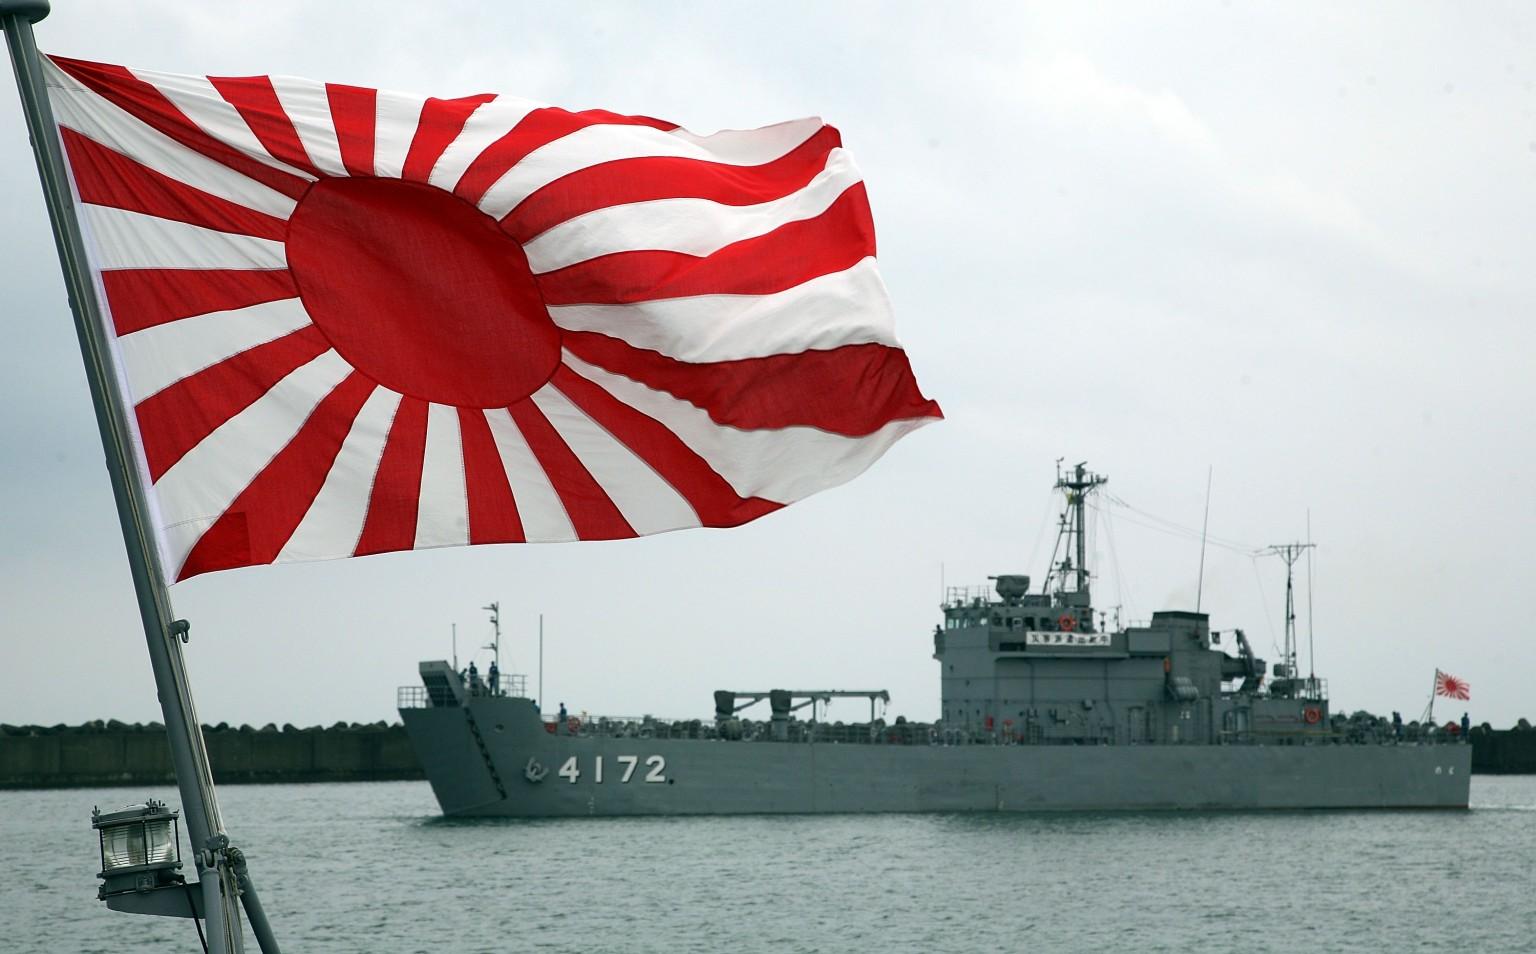 旭日旗「問題なし」日本政府が見解作成へ 旭日旗「問題なし」日本政府が見解作成へ